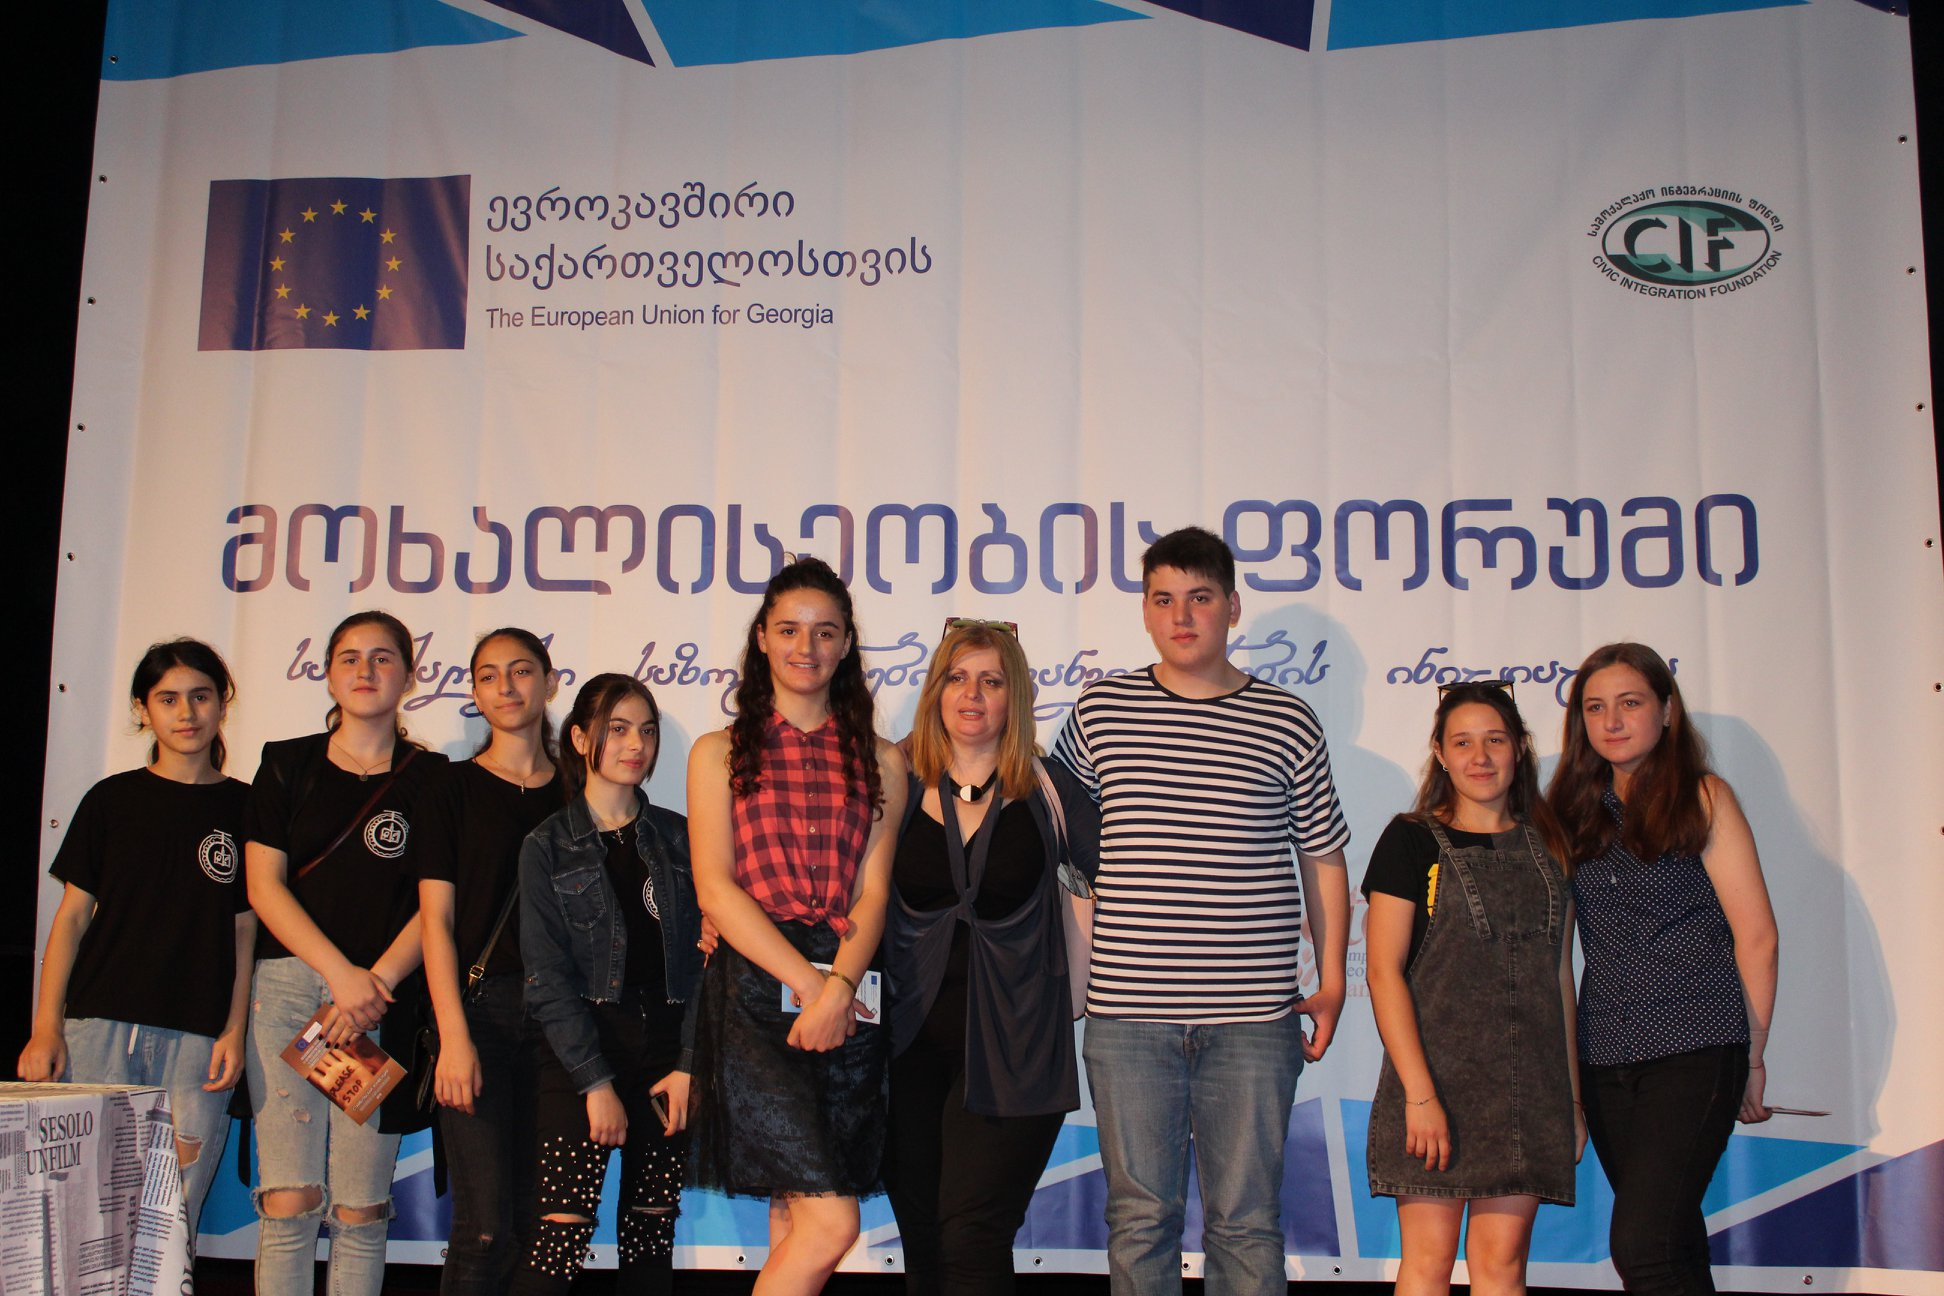 სამოქალაქო საზოგადოების განვითარების ინიციატივა - მოხალისეობის ფორუმი 2018